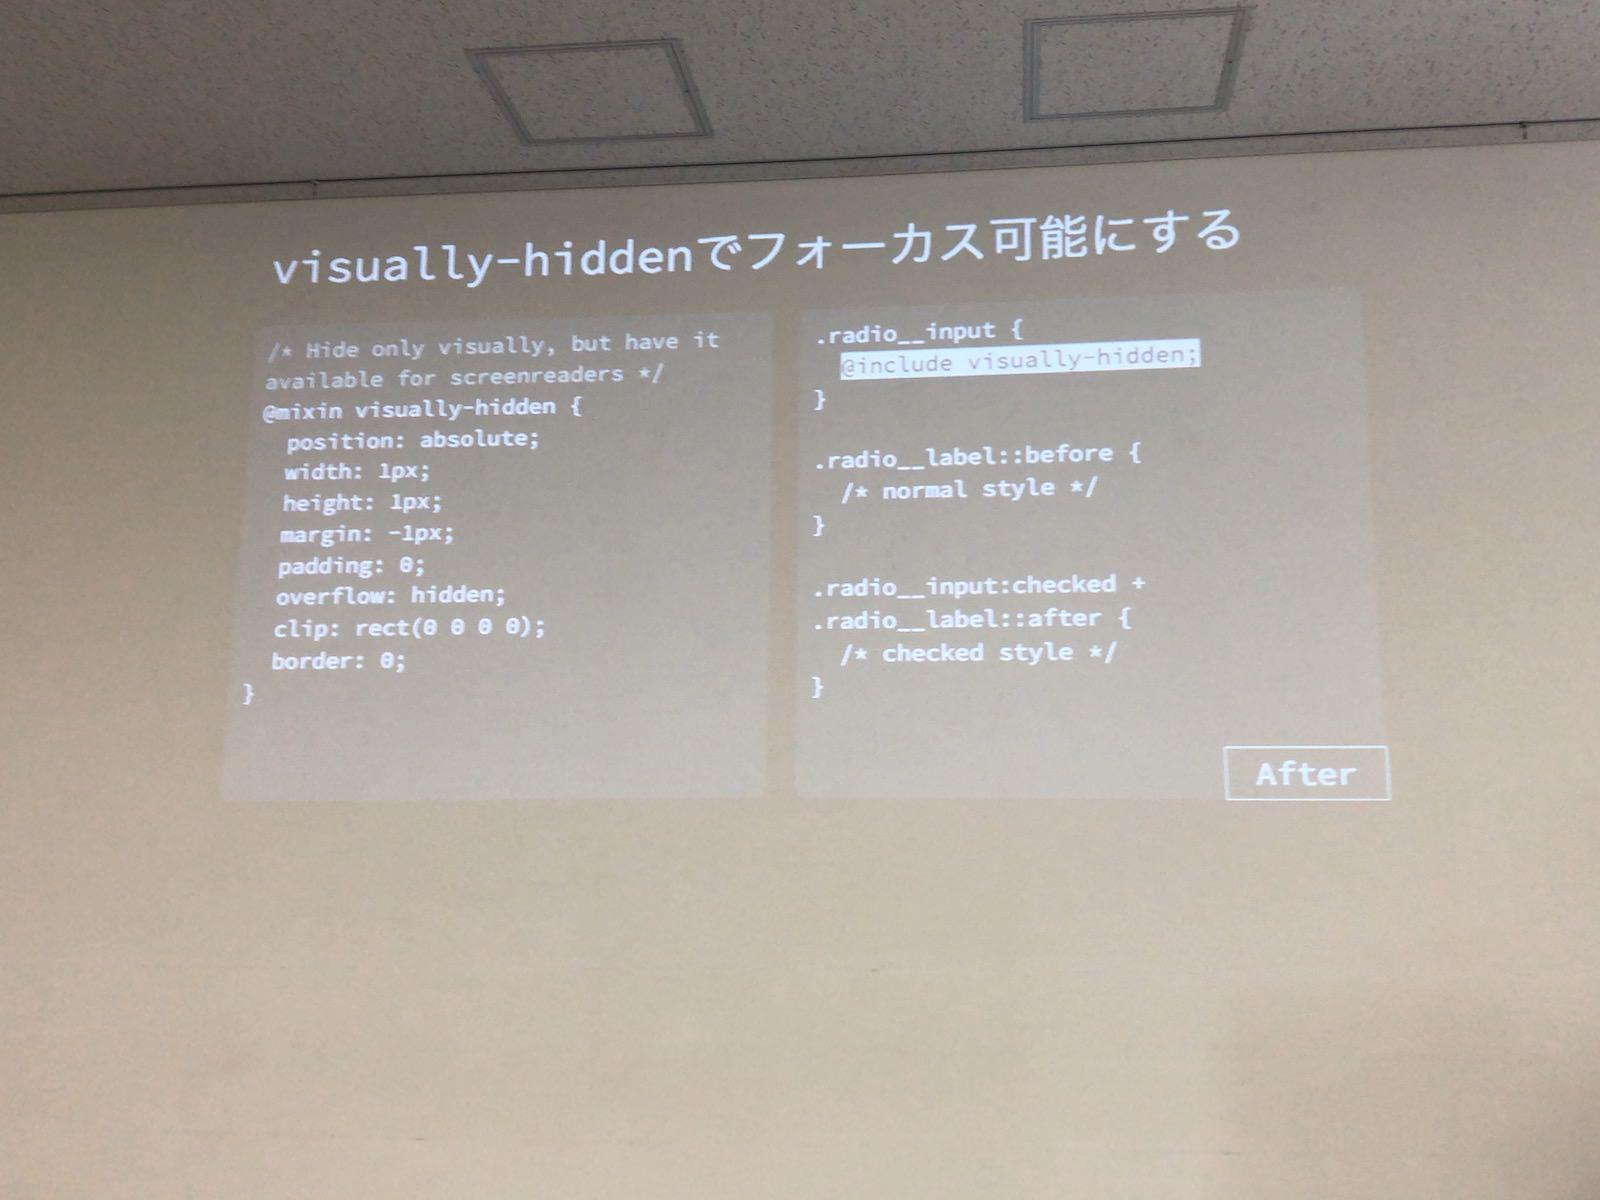 visually-hiddenクラスのコード